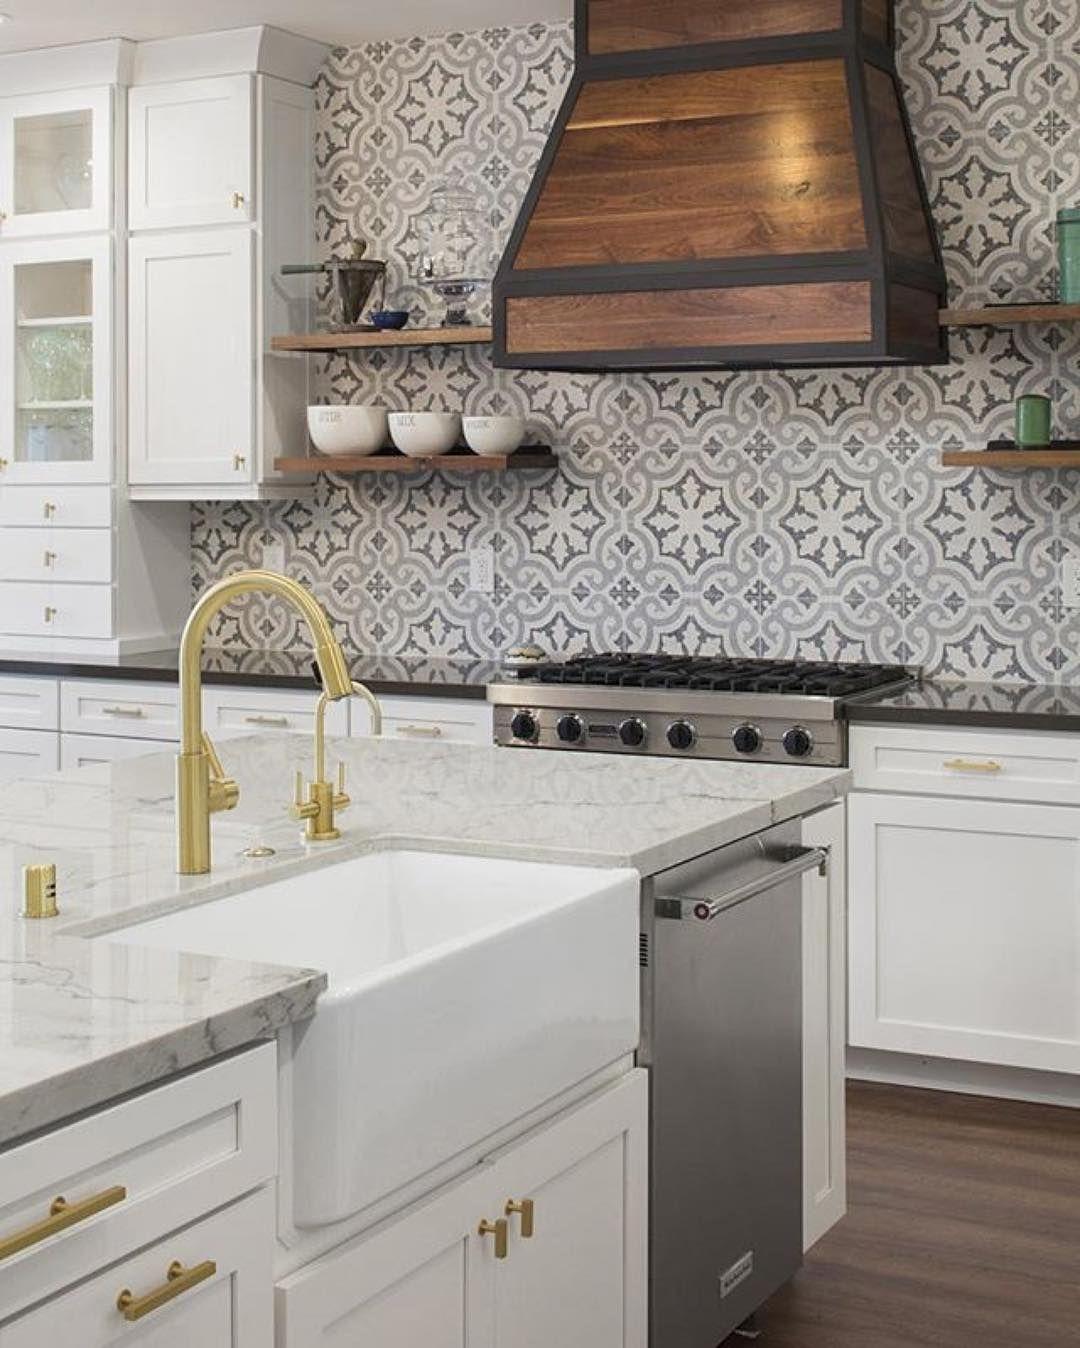 Cement Tile Kitchen Menu Chalkboard Shop Encaustic Kyra Ii Terrazzo In